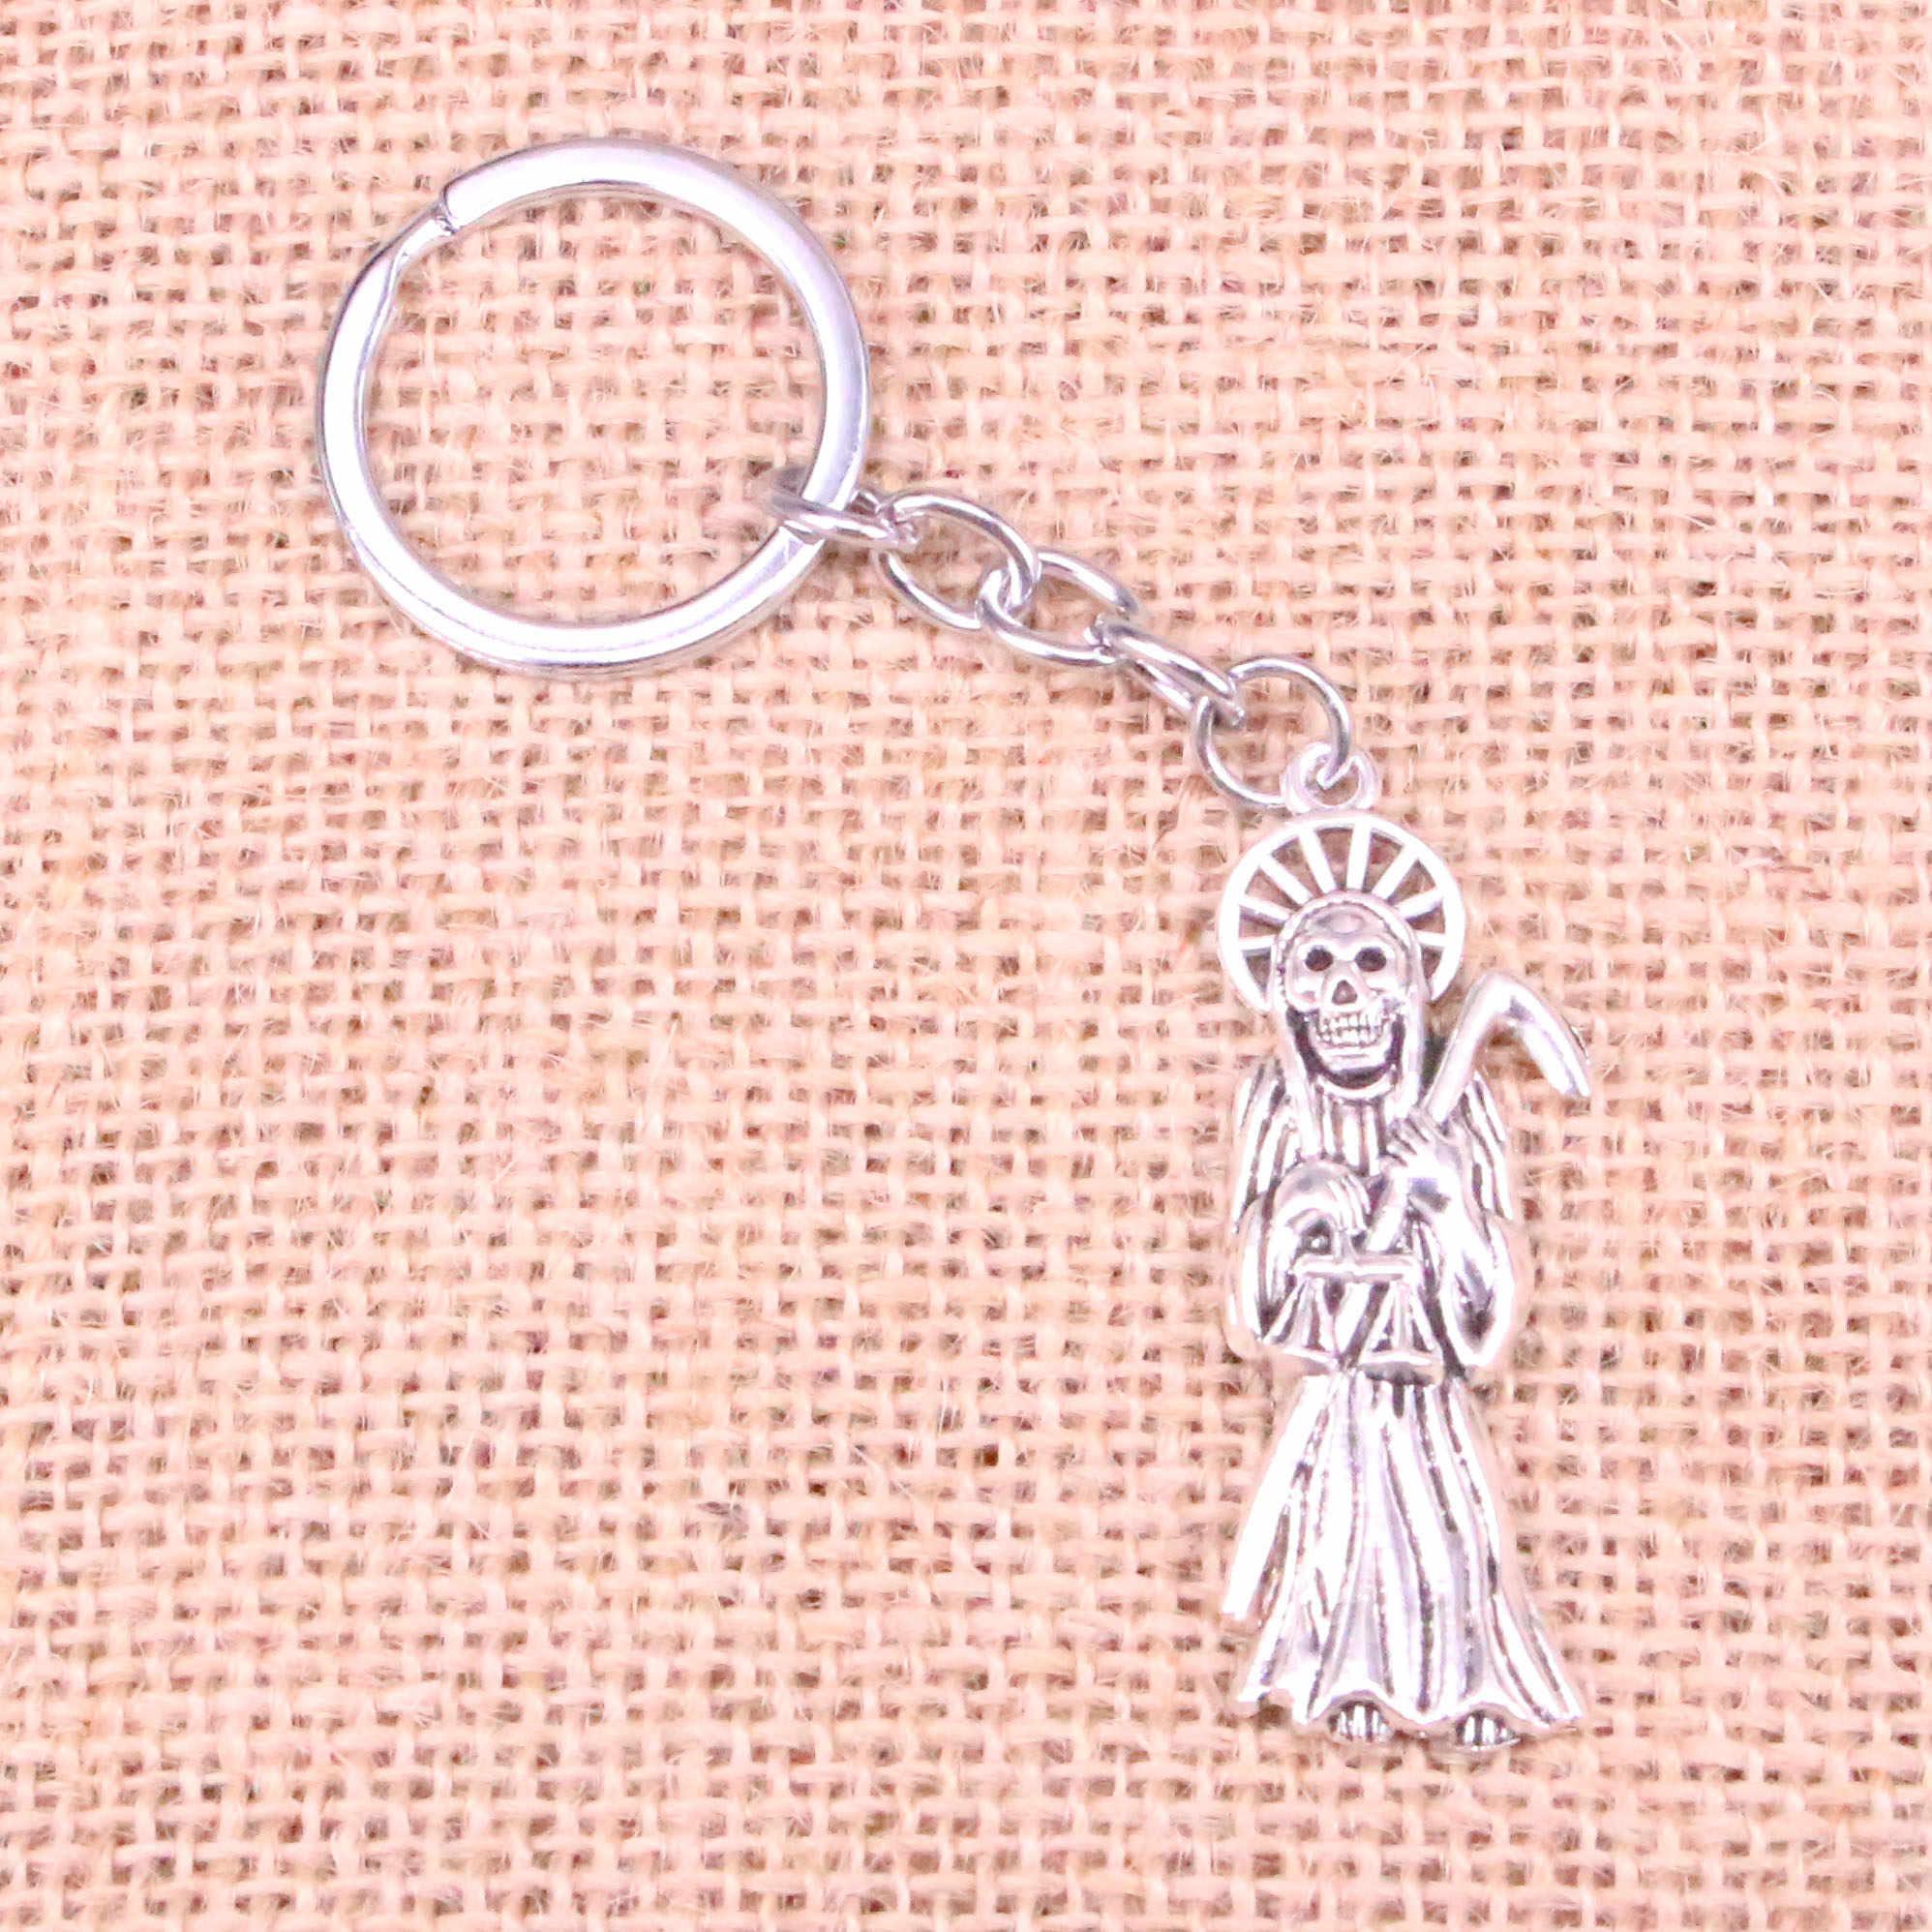 Novedad grim reaper death Charm colgante llavero cadena accesorios joyería para regalos